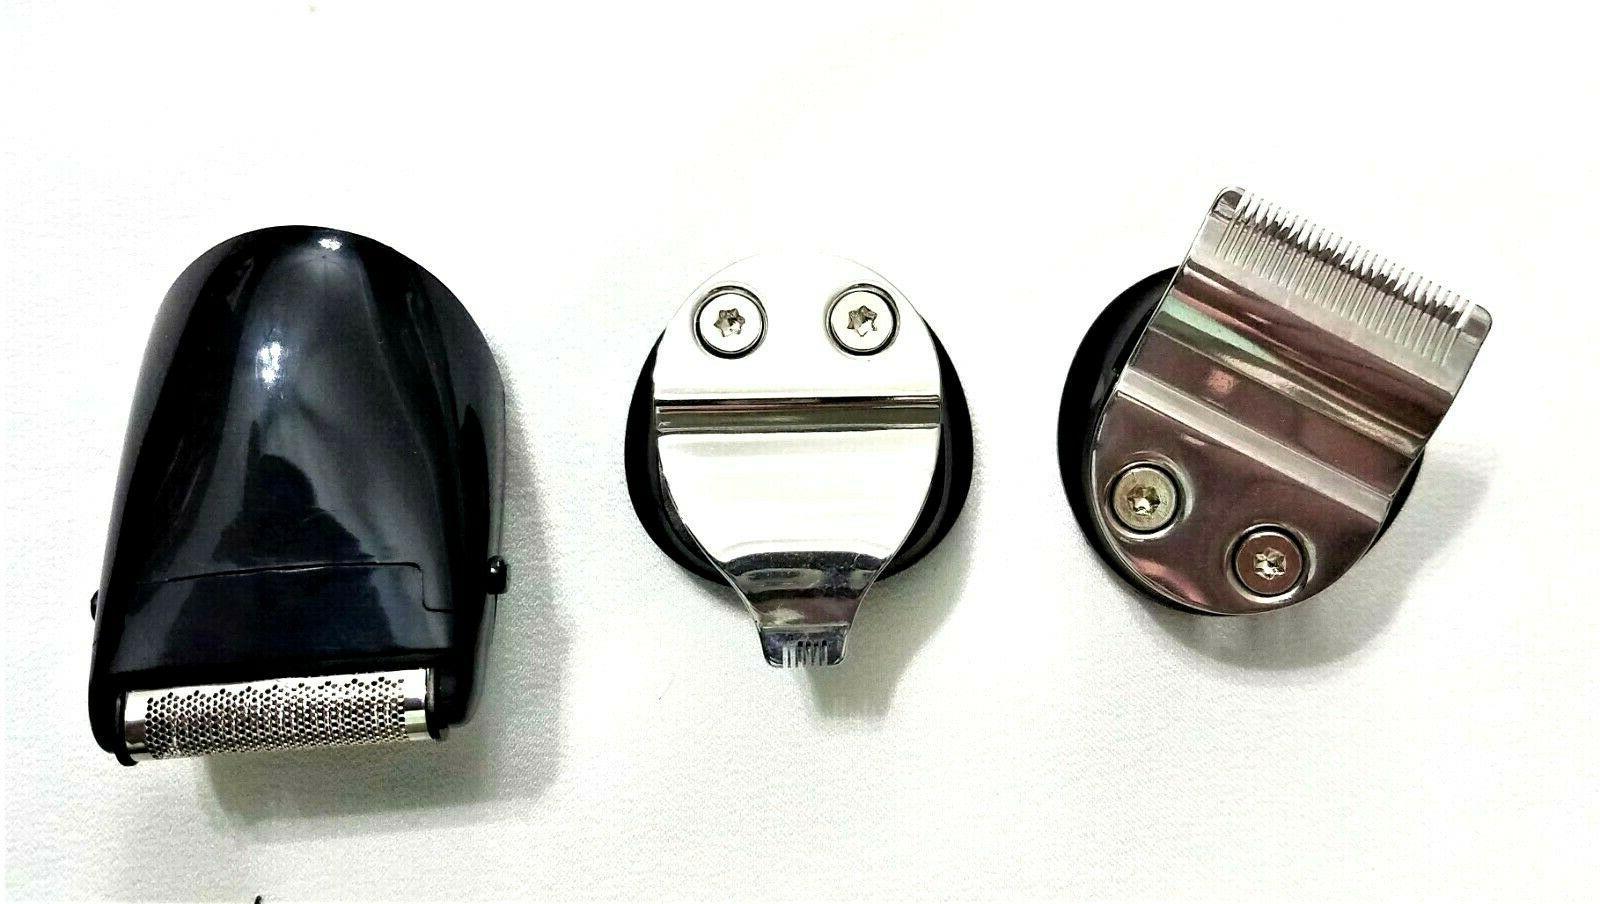 Conair Cord Cordless Lithium-Ion Precision Nose Beard